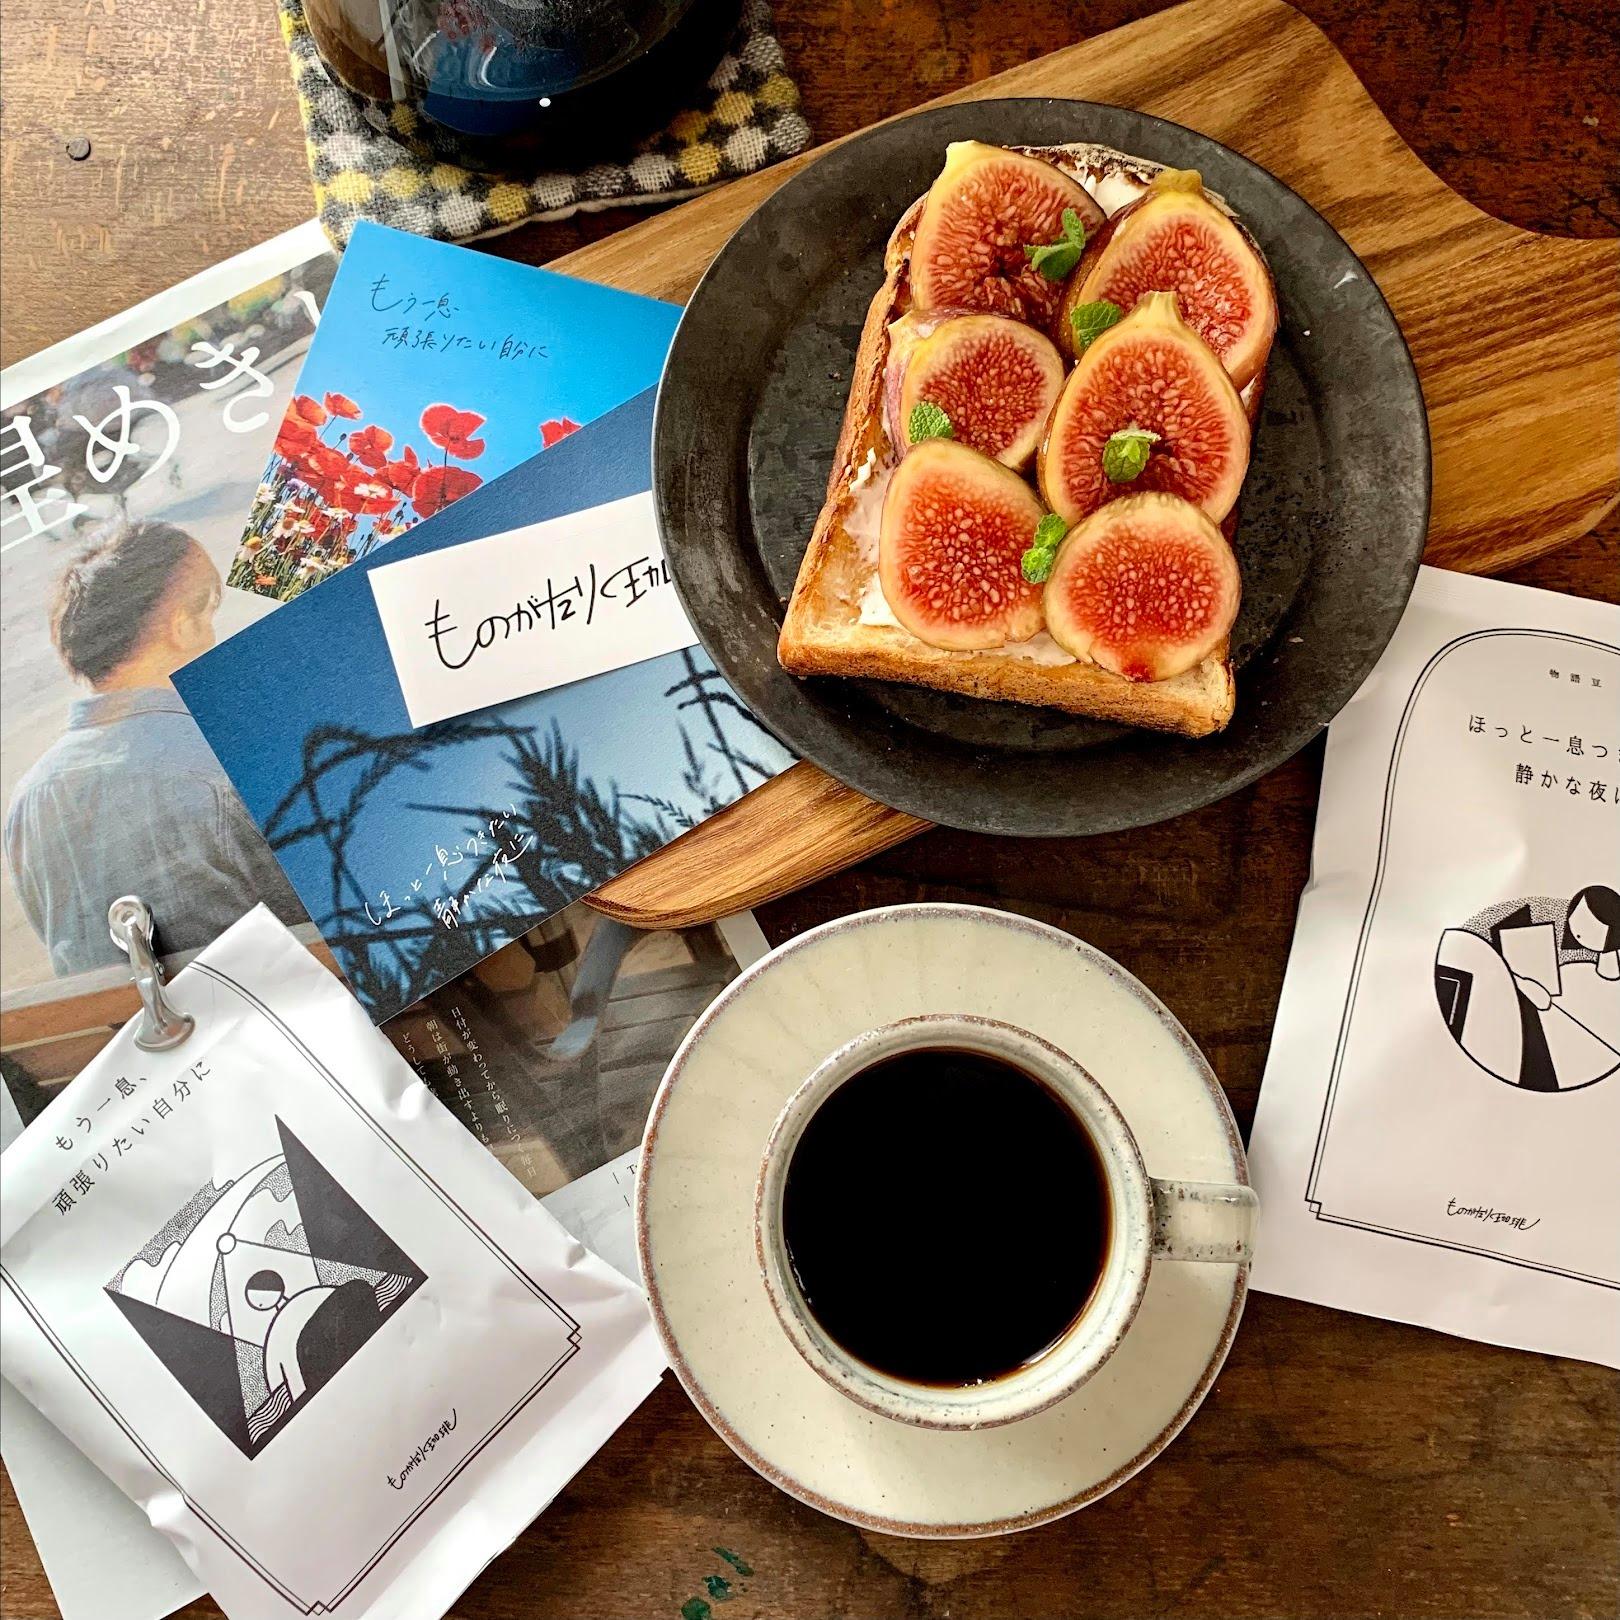 今月も楽しみにしとった #ものがたり珈琲 が届きました♩  『ものがたり珈琲』は、日常のシーンとその時の気持ちをテーマにブレンドされたコーヒーとオリジナルの短編小説を毎月セットで届けてくれる、新感覚の体験型コーヒーの定期便☕️  ゆっくりできる休みの日の朝、短編小説の朗読を聴きながら美味しい珈琲を淹れる心地いい時間◎  そして珈琲と一緒に今週も大好きなイチヂクトーストでいい朝を過ごすことができました。